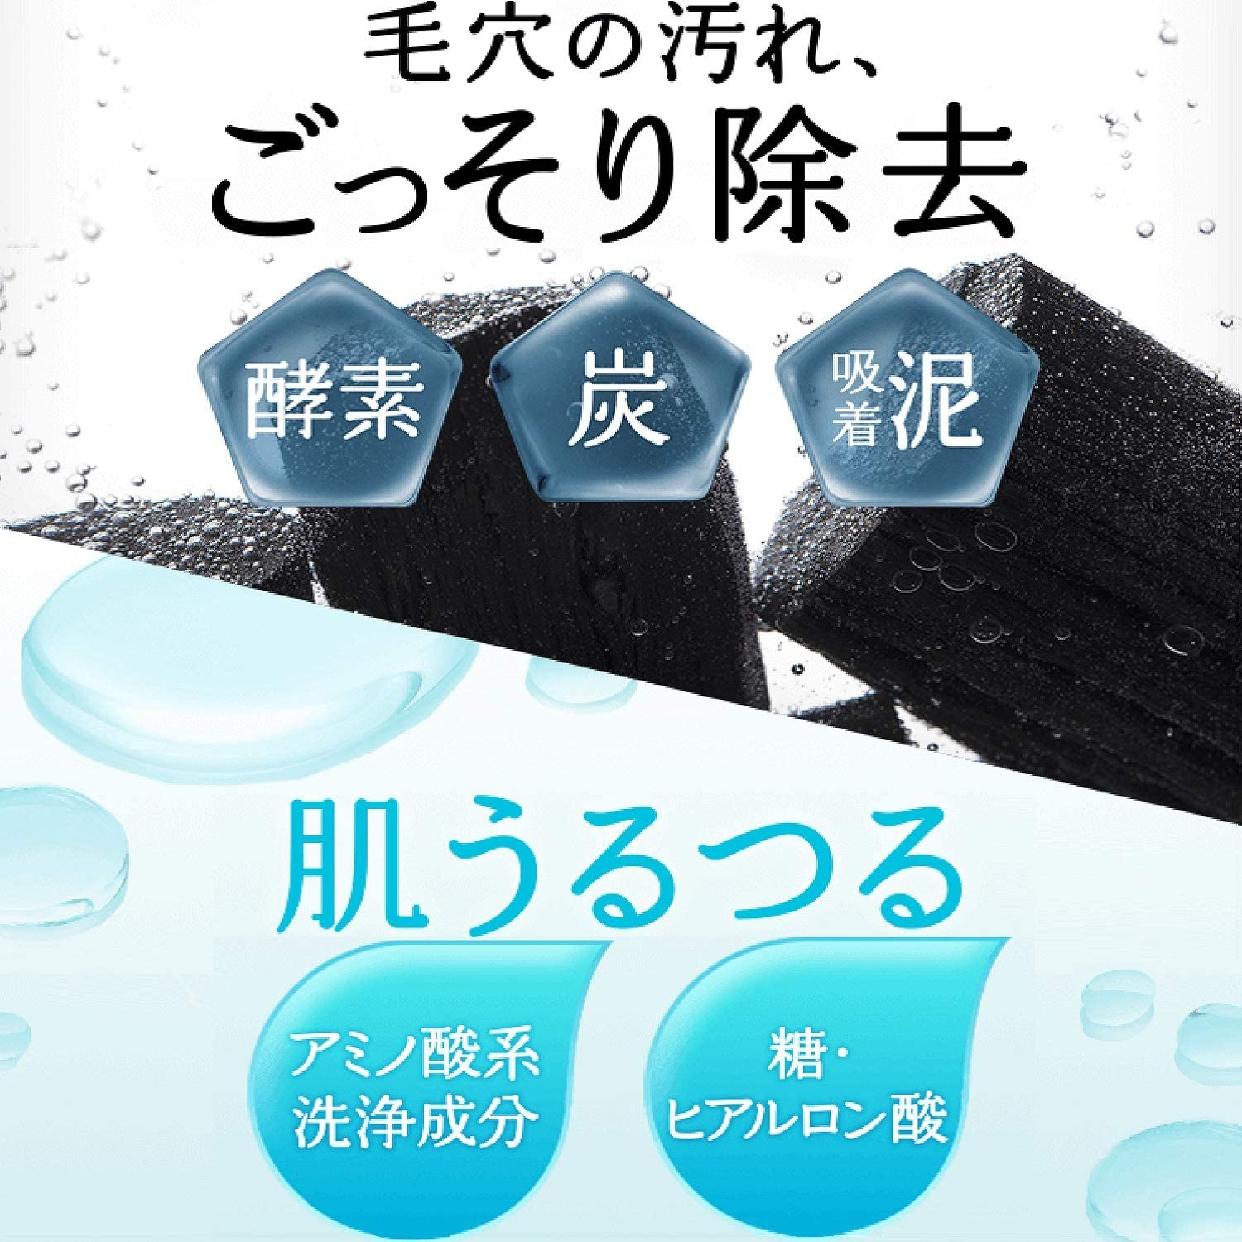 FANCL(ファンケル)ディープクリア洗顔パウダーの商品画像8